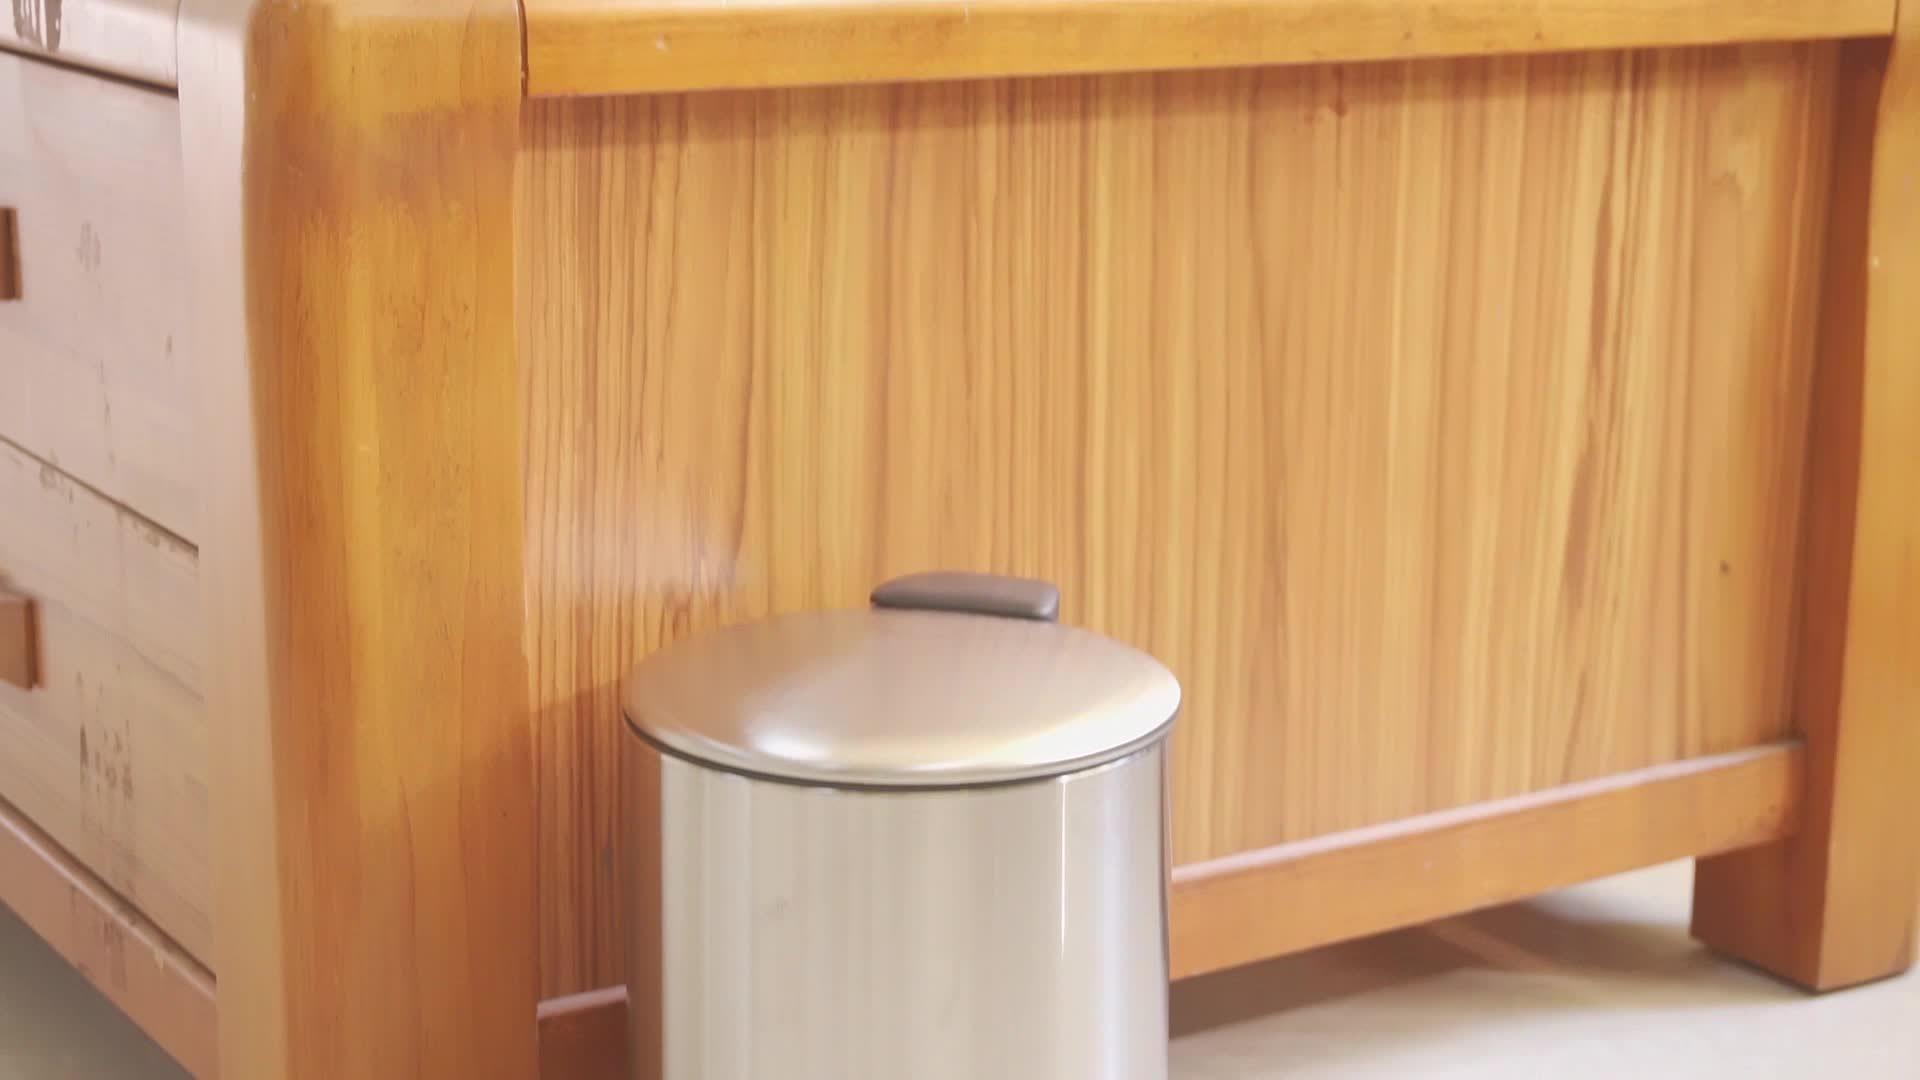 Roestvrijstalen mat afwerking zacht Sluiten bak met pedaal voor sterk vuilnisbak